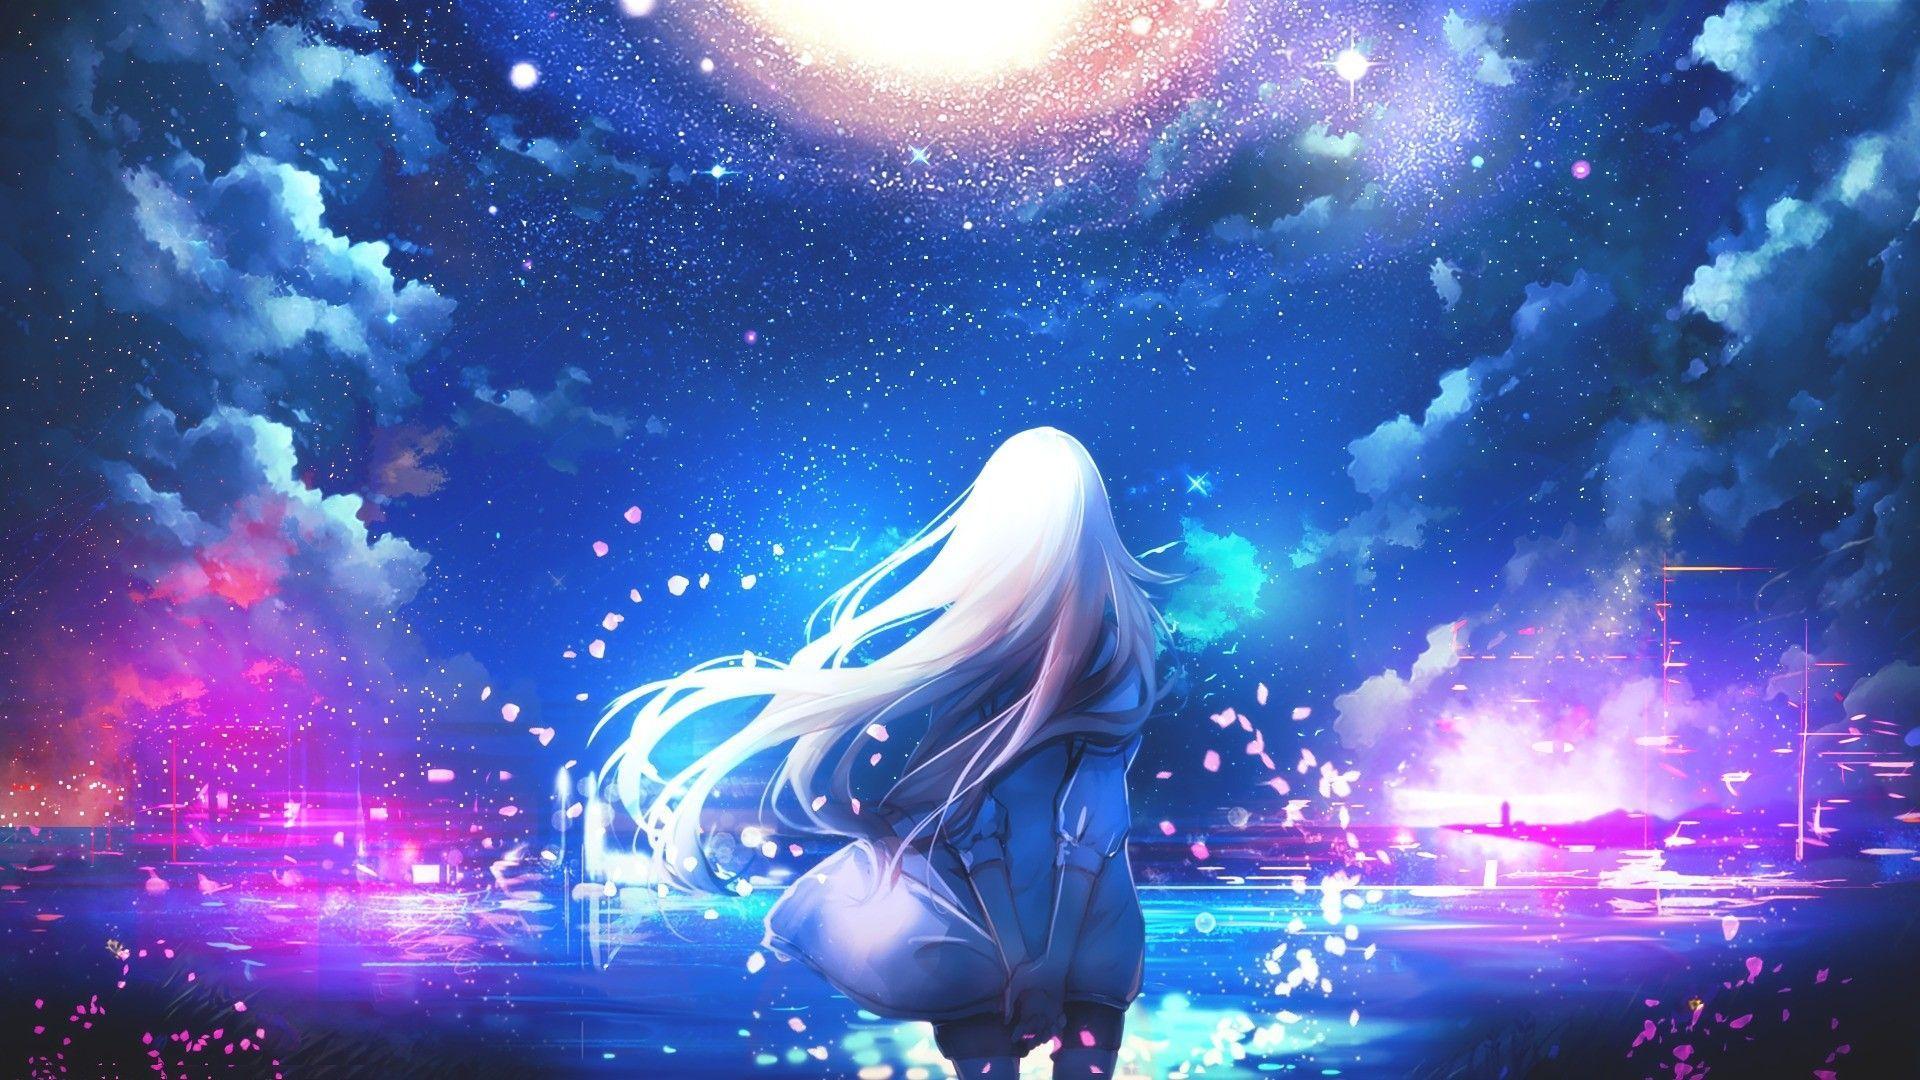 Anime night sky wallpapers top free anime night sky - Anime sky background ...